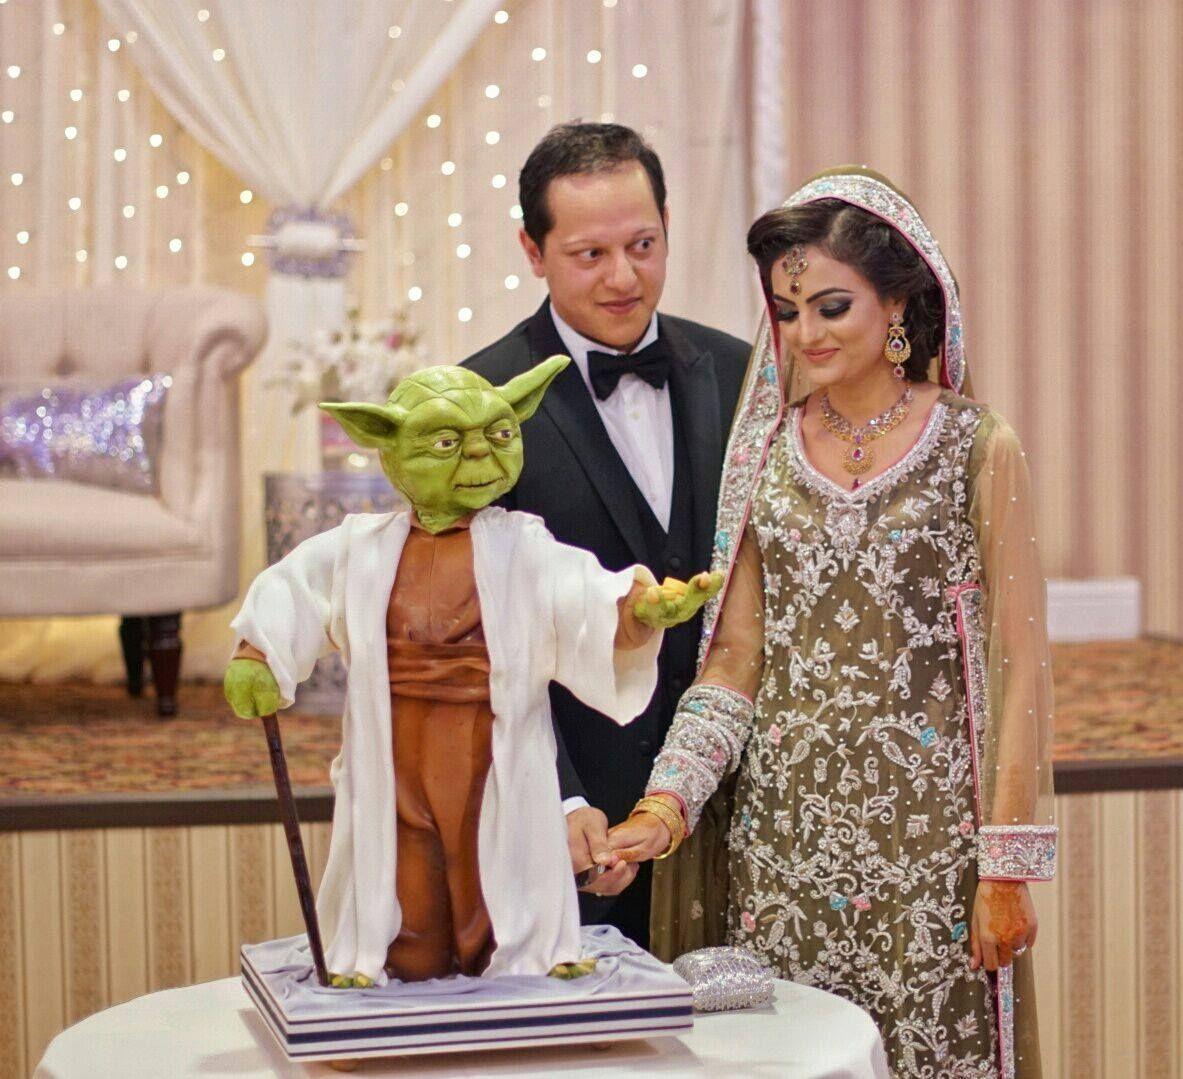 Wedding Cakes Roseville California